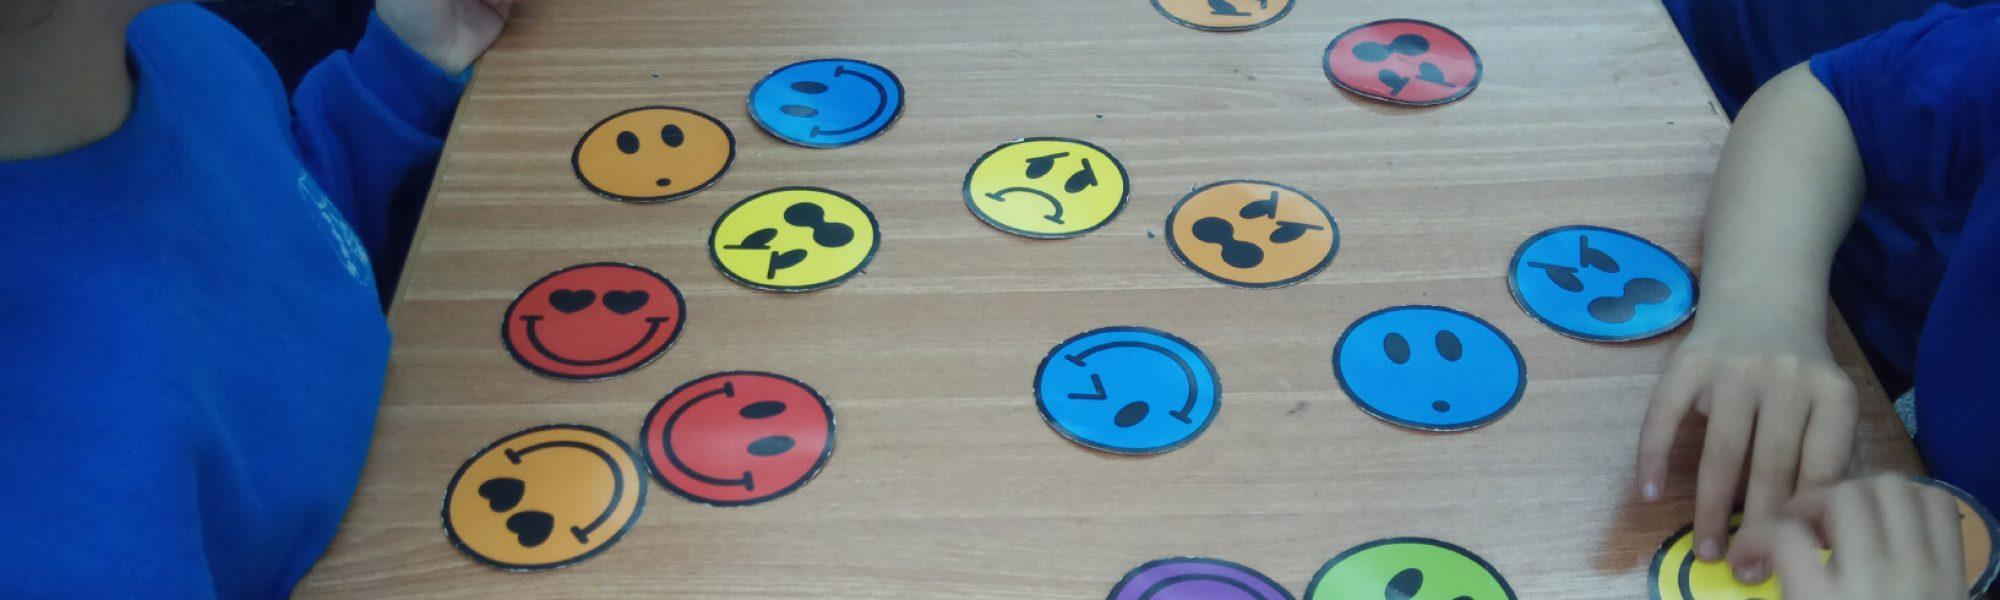 ילדים משחקים במדבקות סמיילי - סדנאות הפעלות לילדים